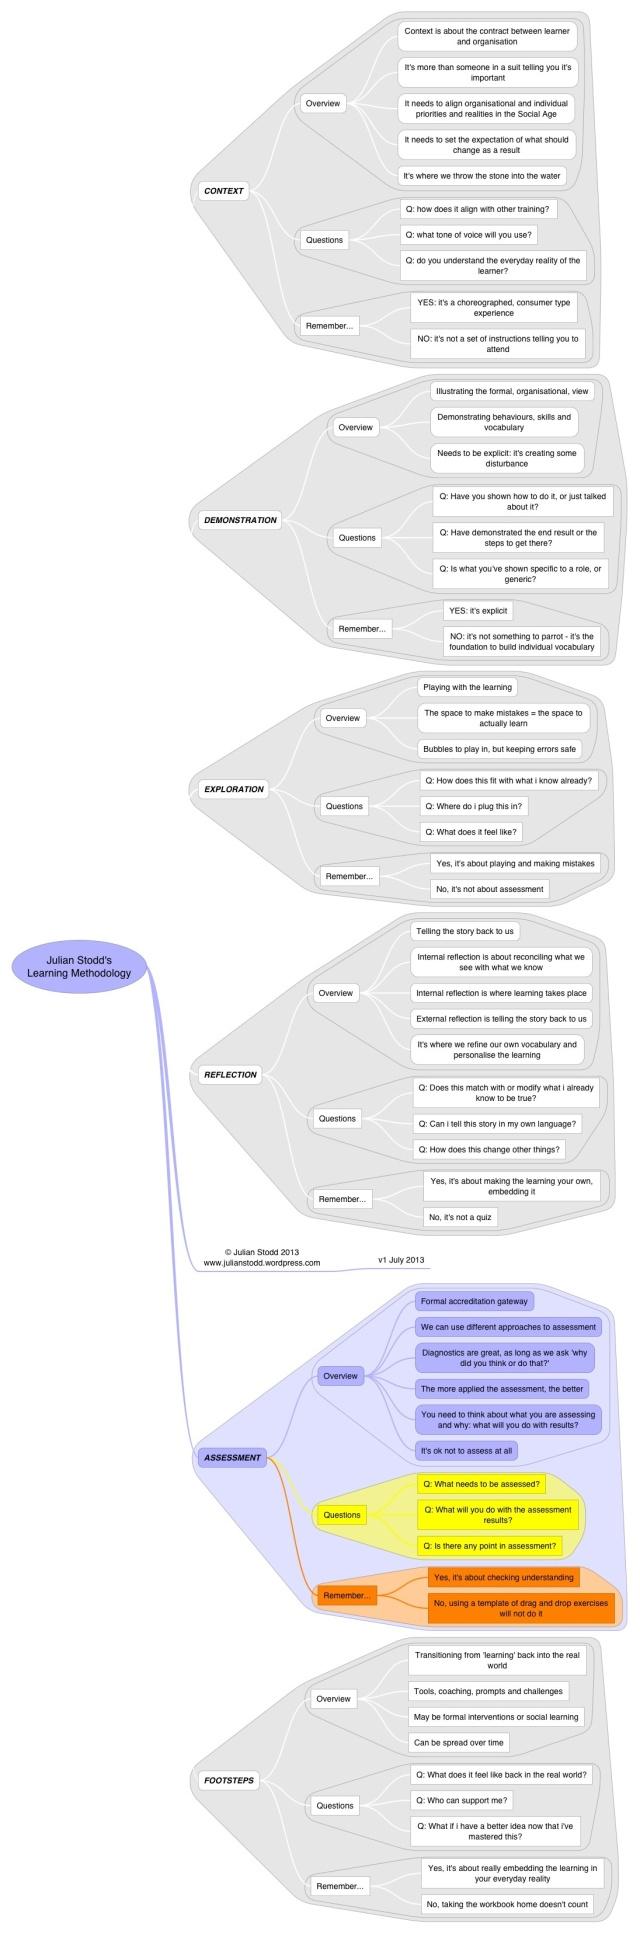 Methodology - assessment